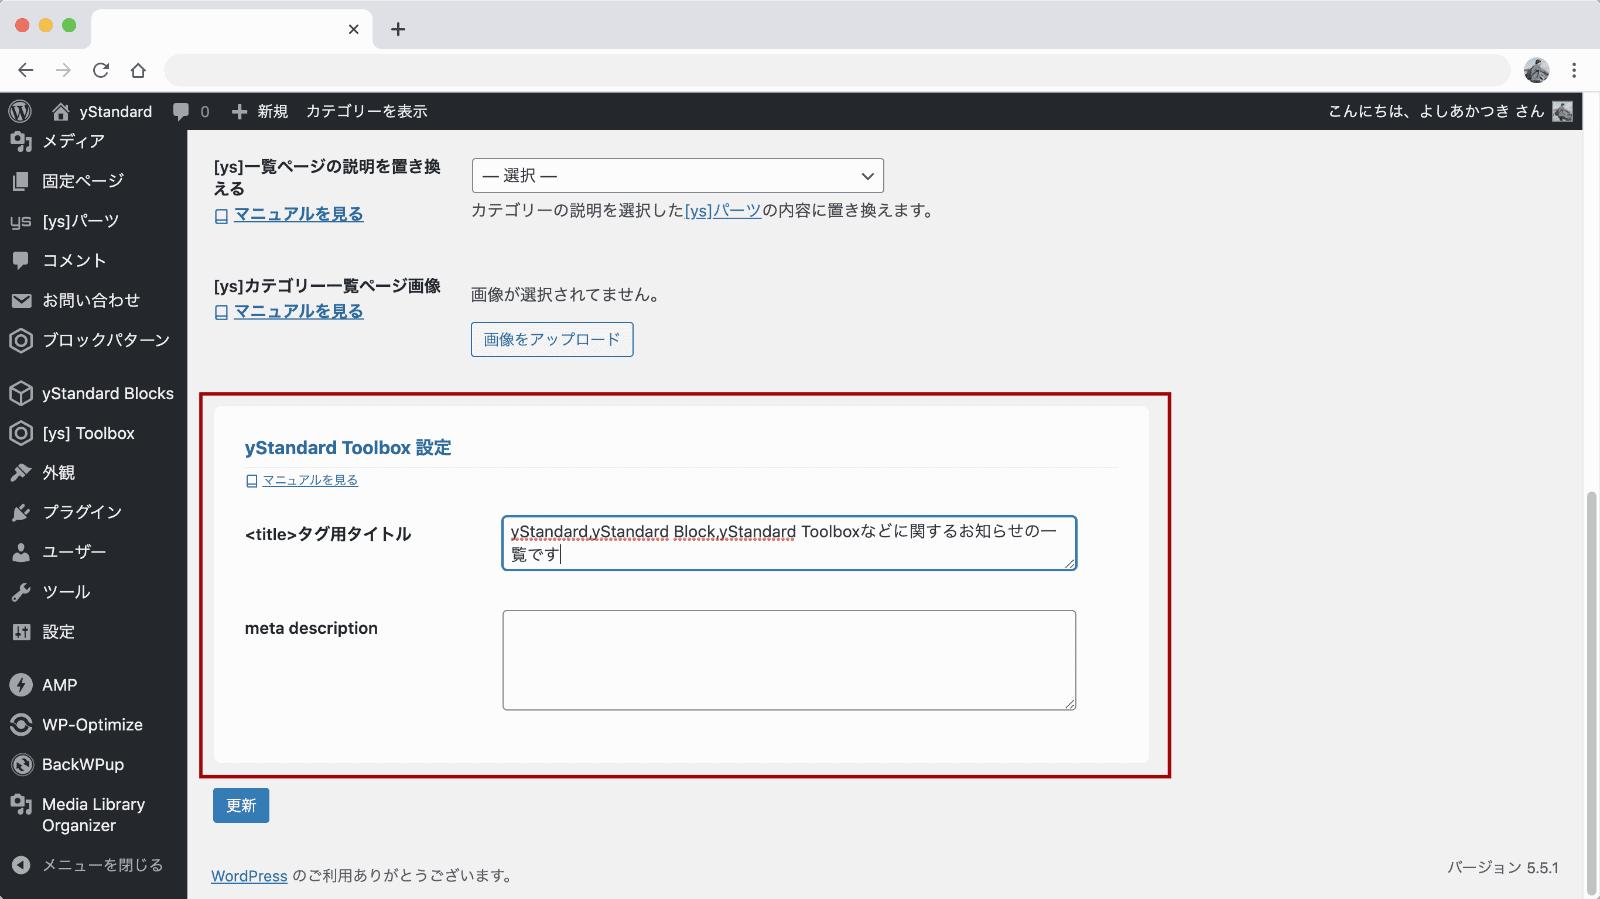 yStandard Toolbox設定からtitleとメタディスクリプションの設定ができる